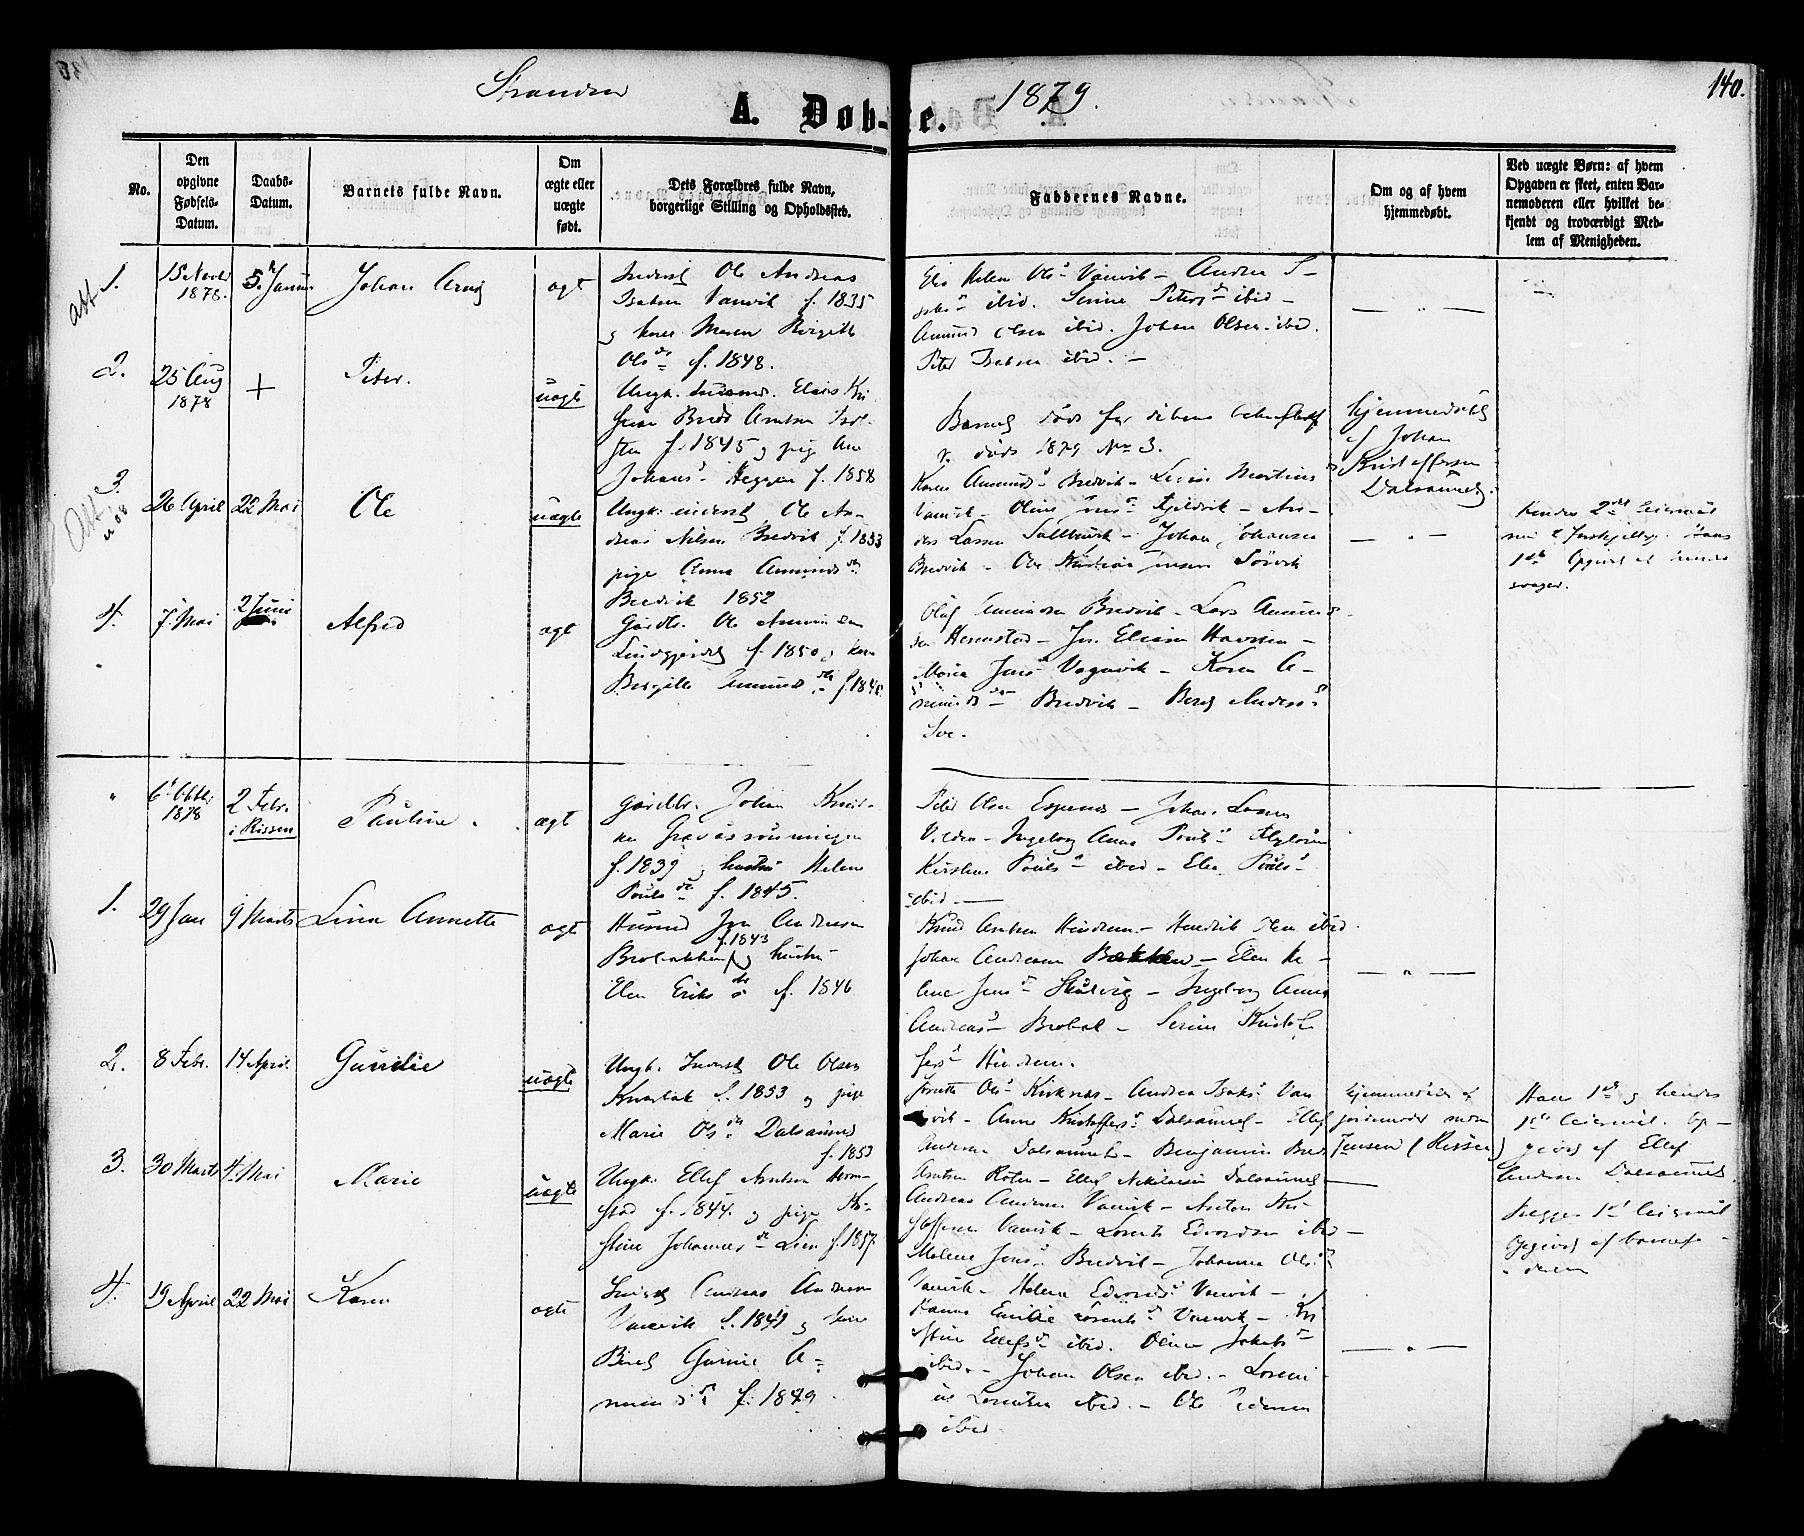 SAT, Ministerialprotokoller, klokkerbøker og fødselsregistre - Nord-Trøndelag, 701/L0009: Ministerialbok nr. 701A09 /2, 1864-1882, s. 140